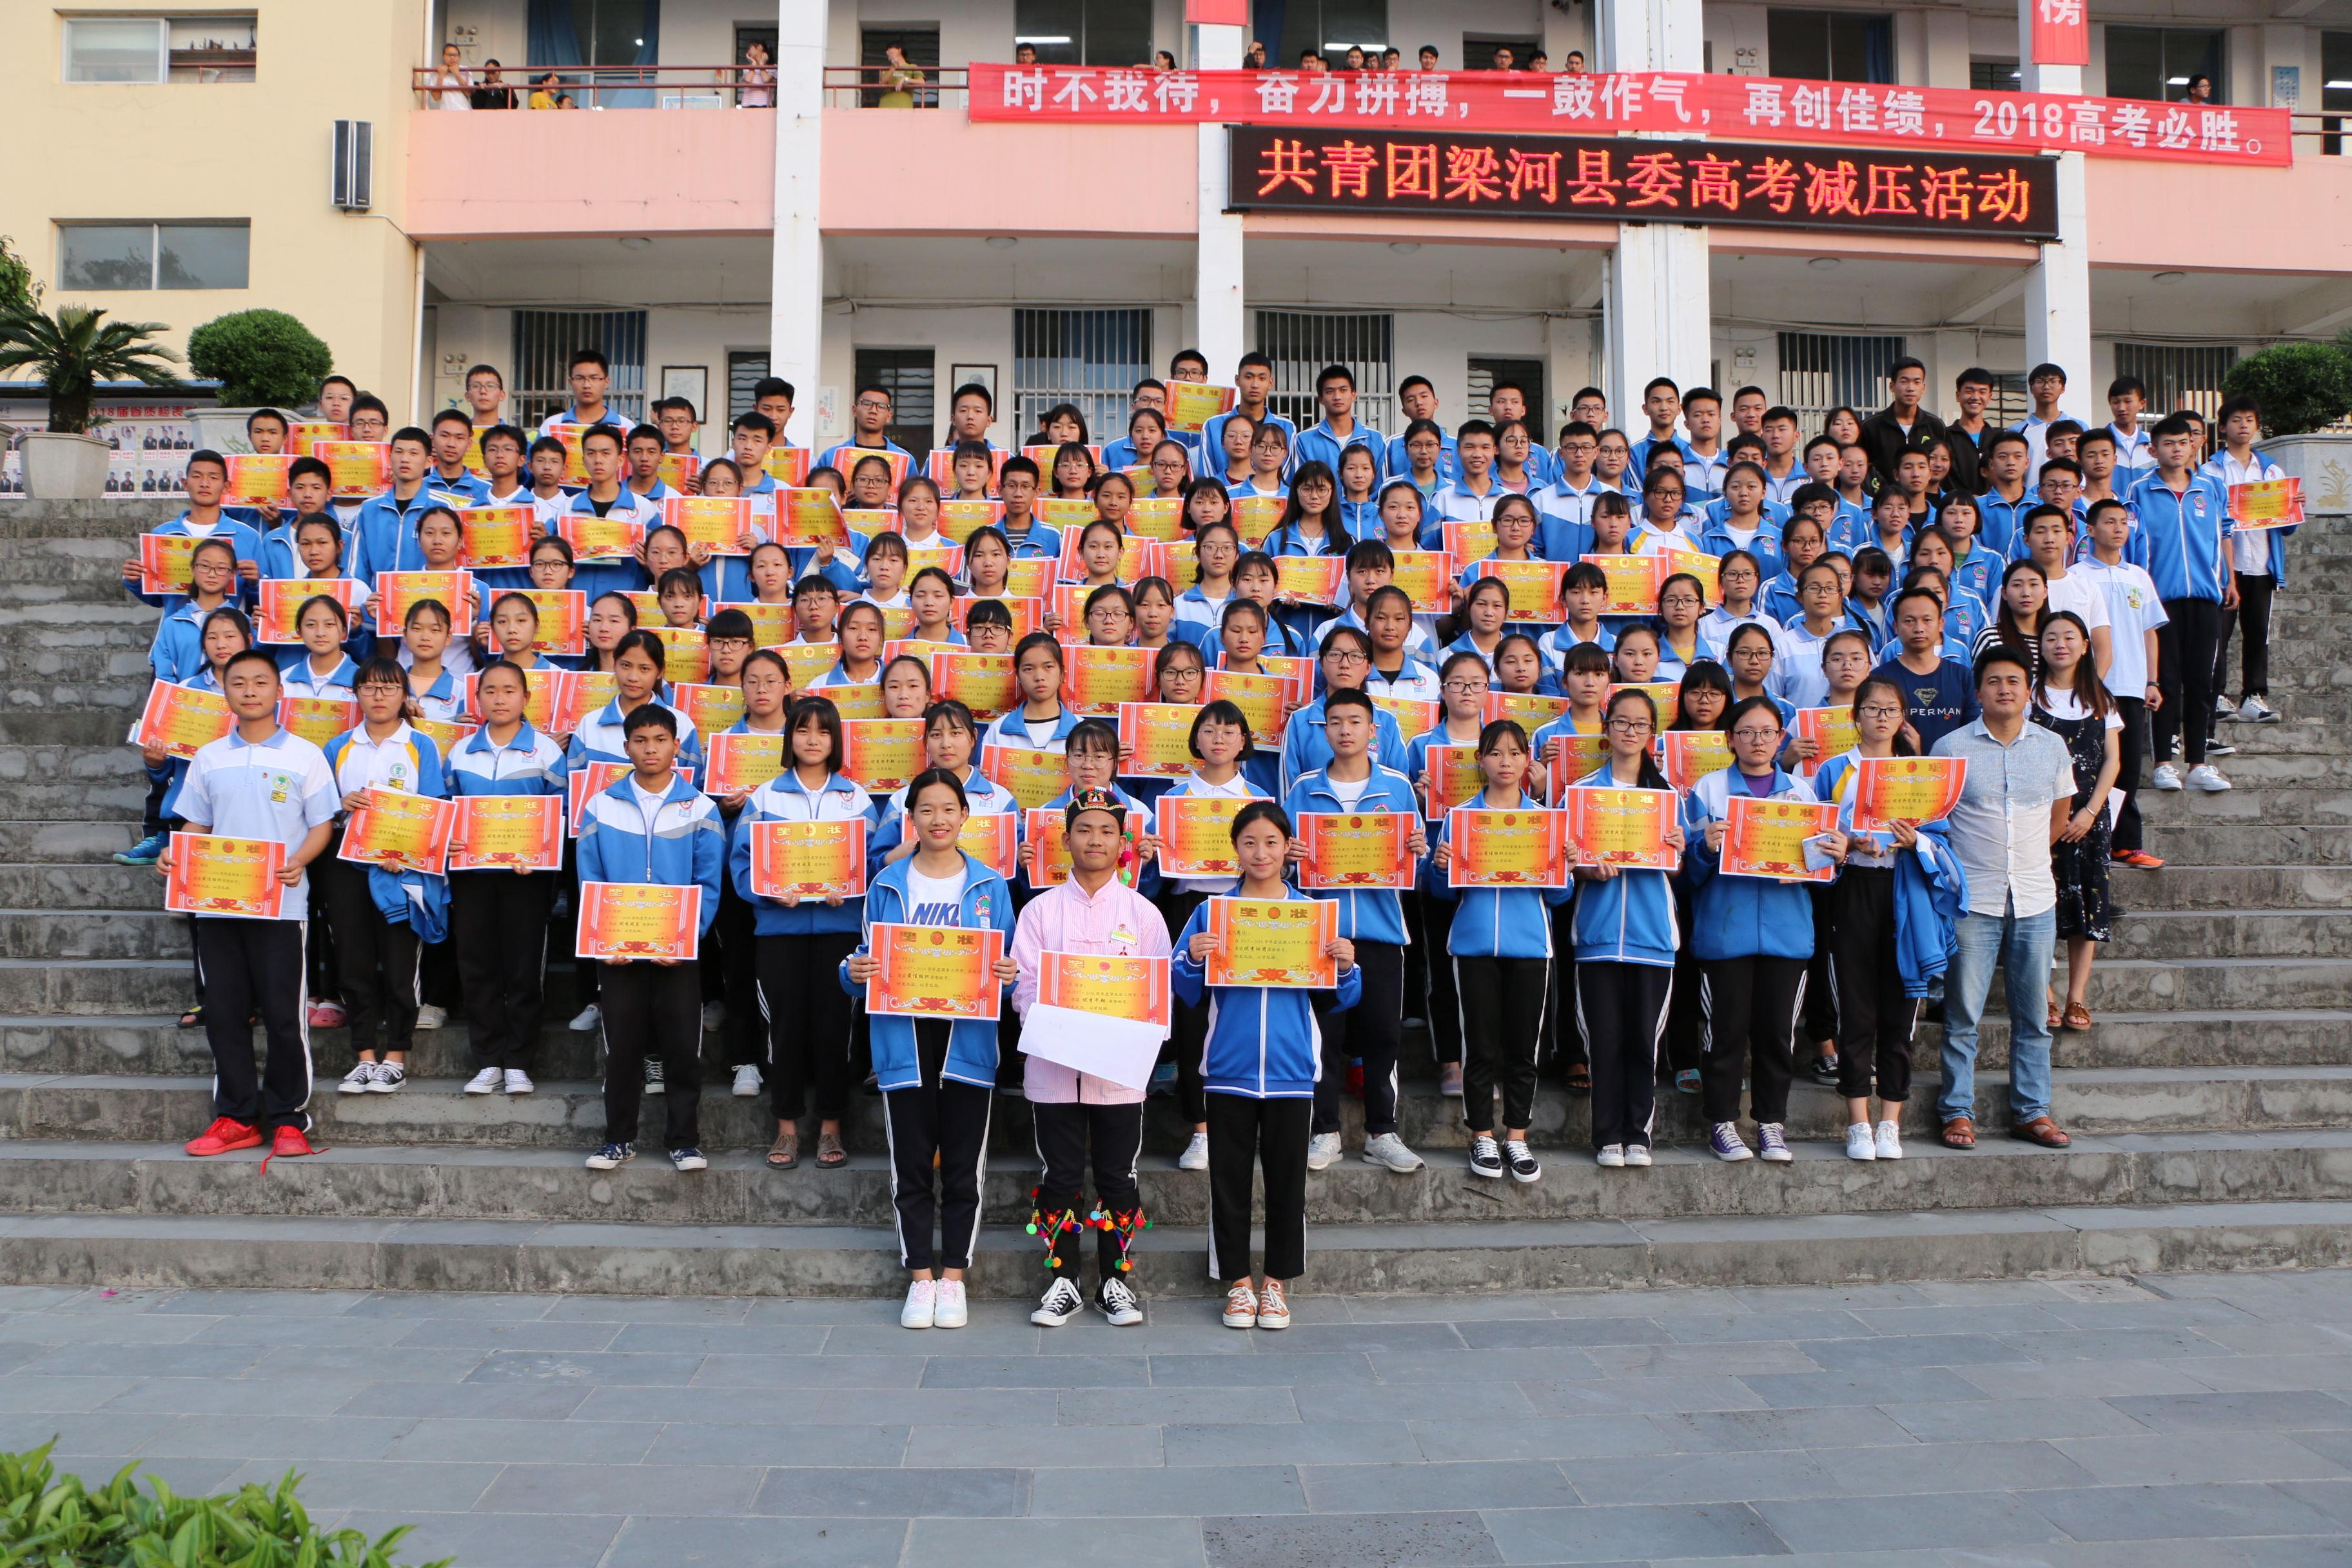 梁河一中召开纪念共青年团成立96周年暨五四表彰大会